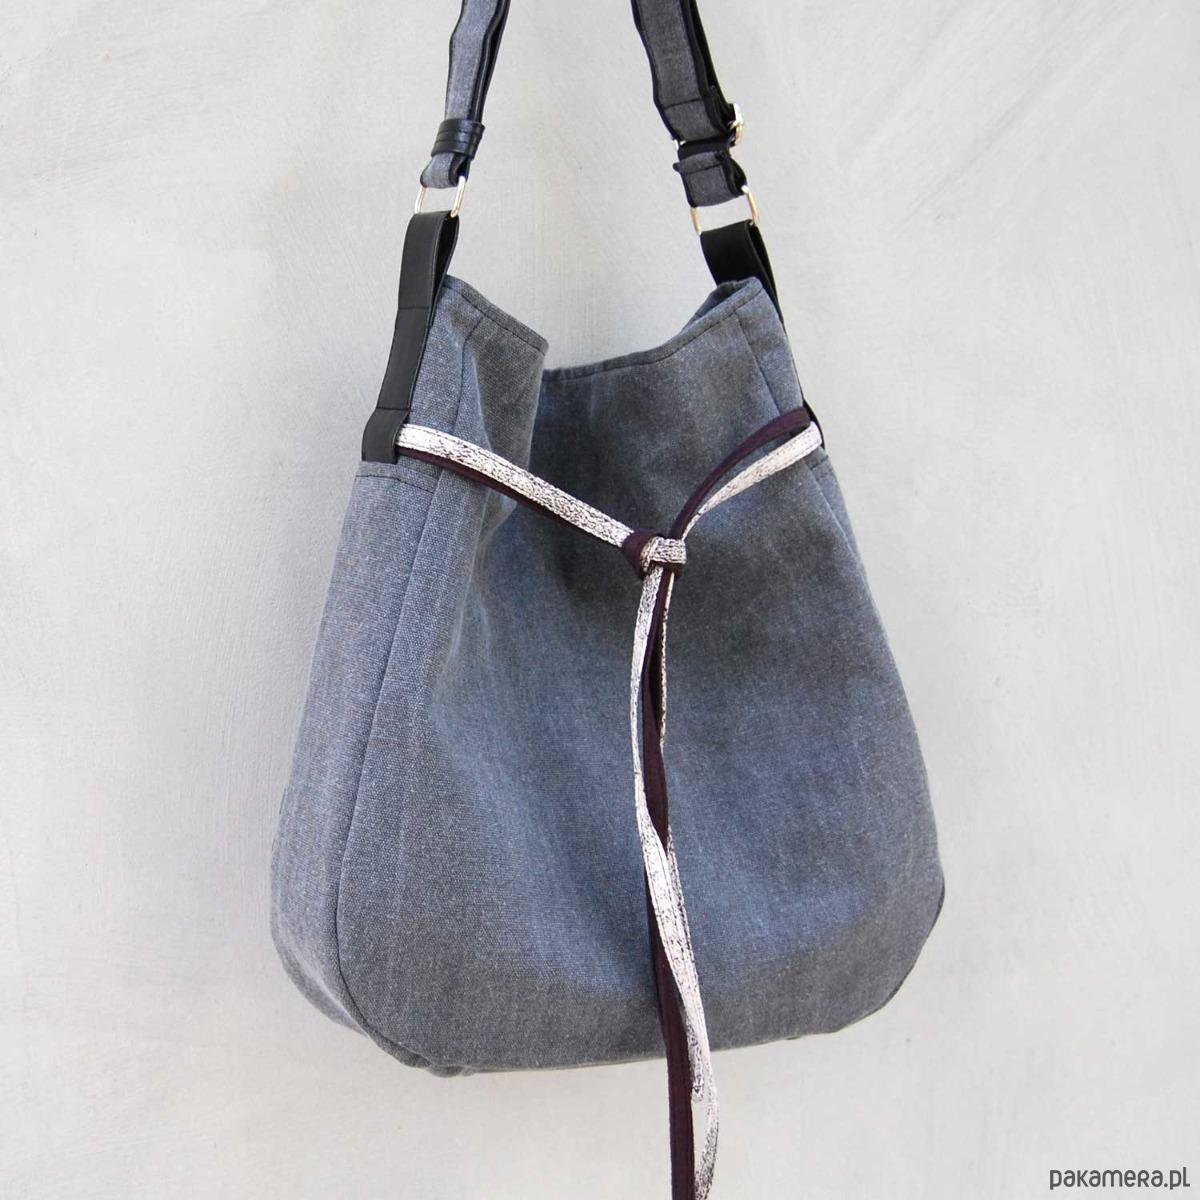 3eabd9d8bfee6 SIMPLY BAG - duża torba worek - szare płótno - torby na ramię ...